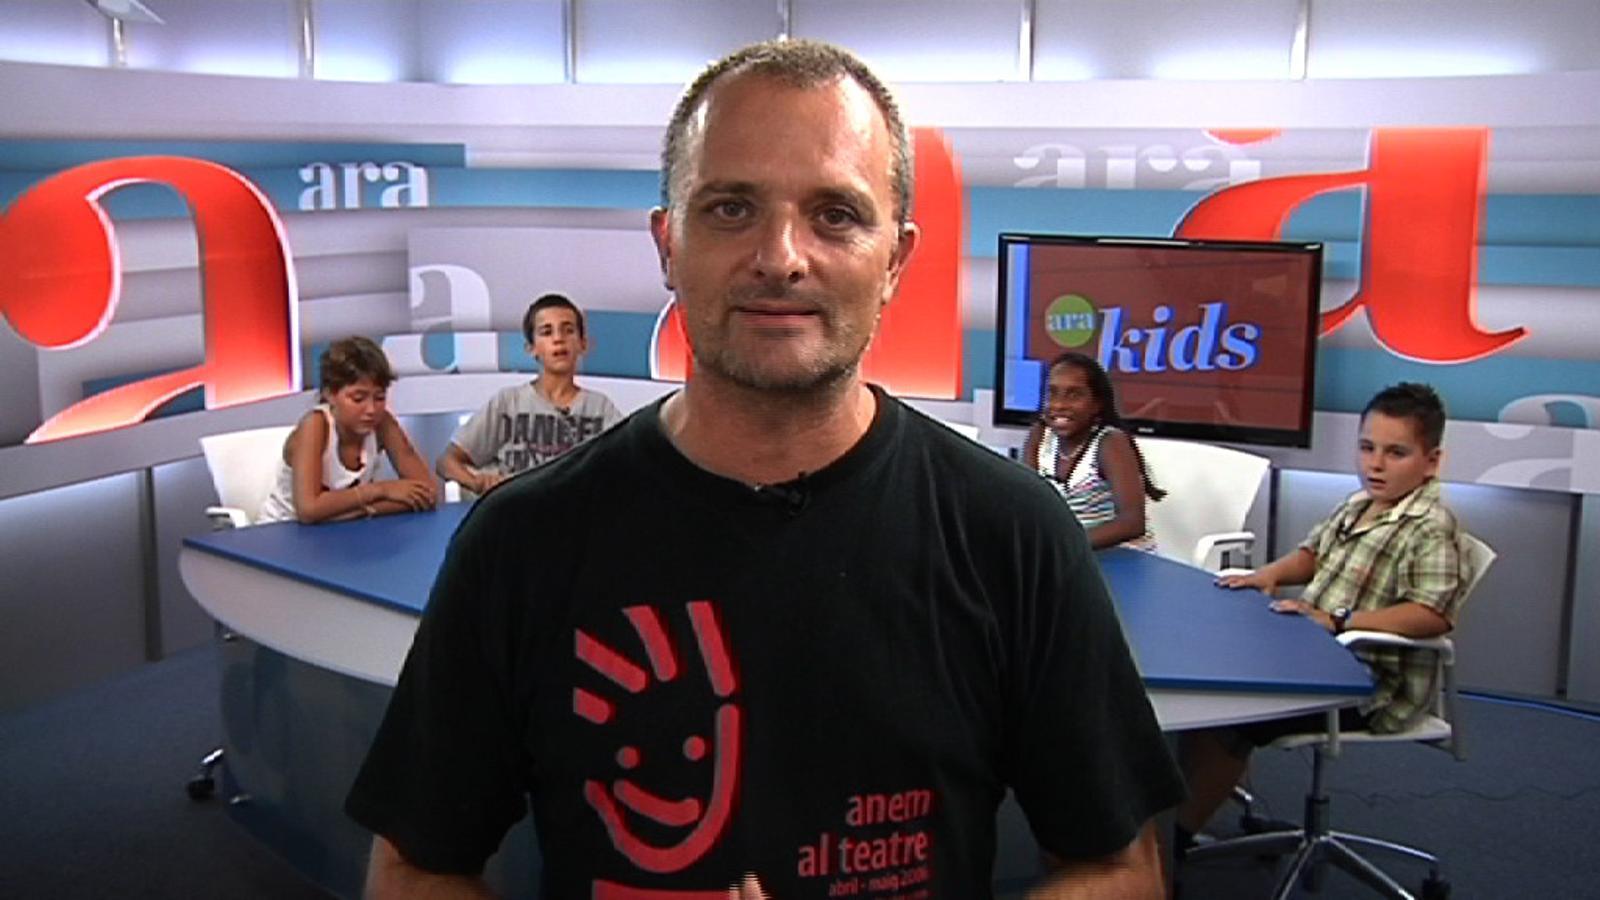 ARA Kids: Els nens periodistes de l'ARA s'estrenen entrevistant Toni Albà i 'el rei'